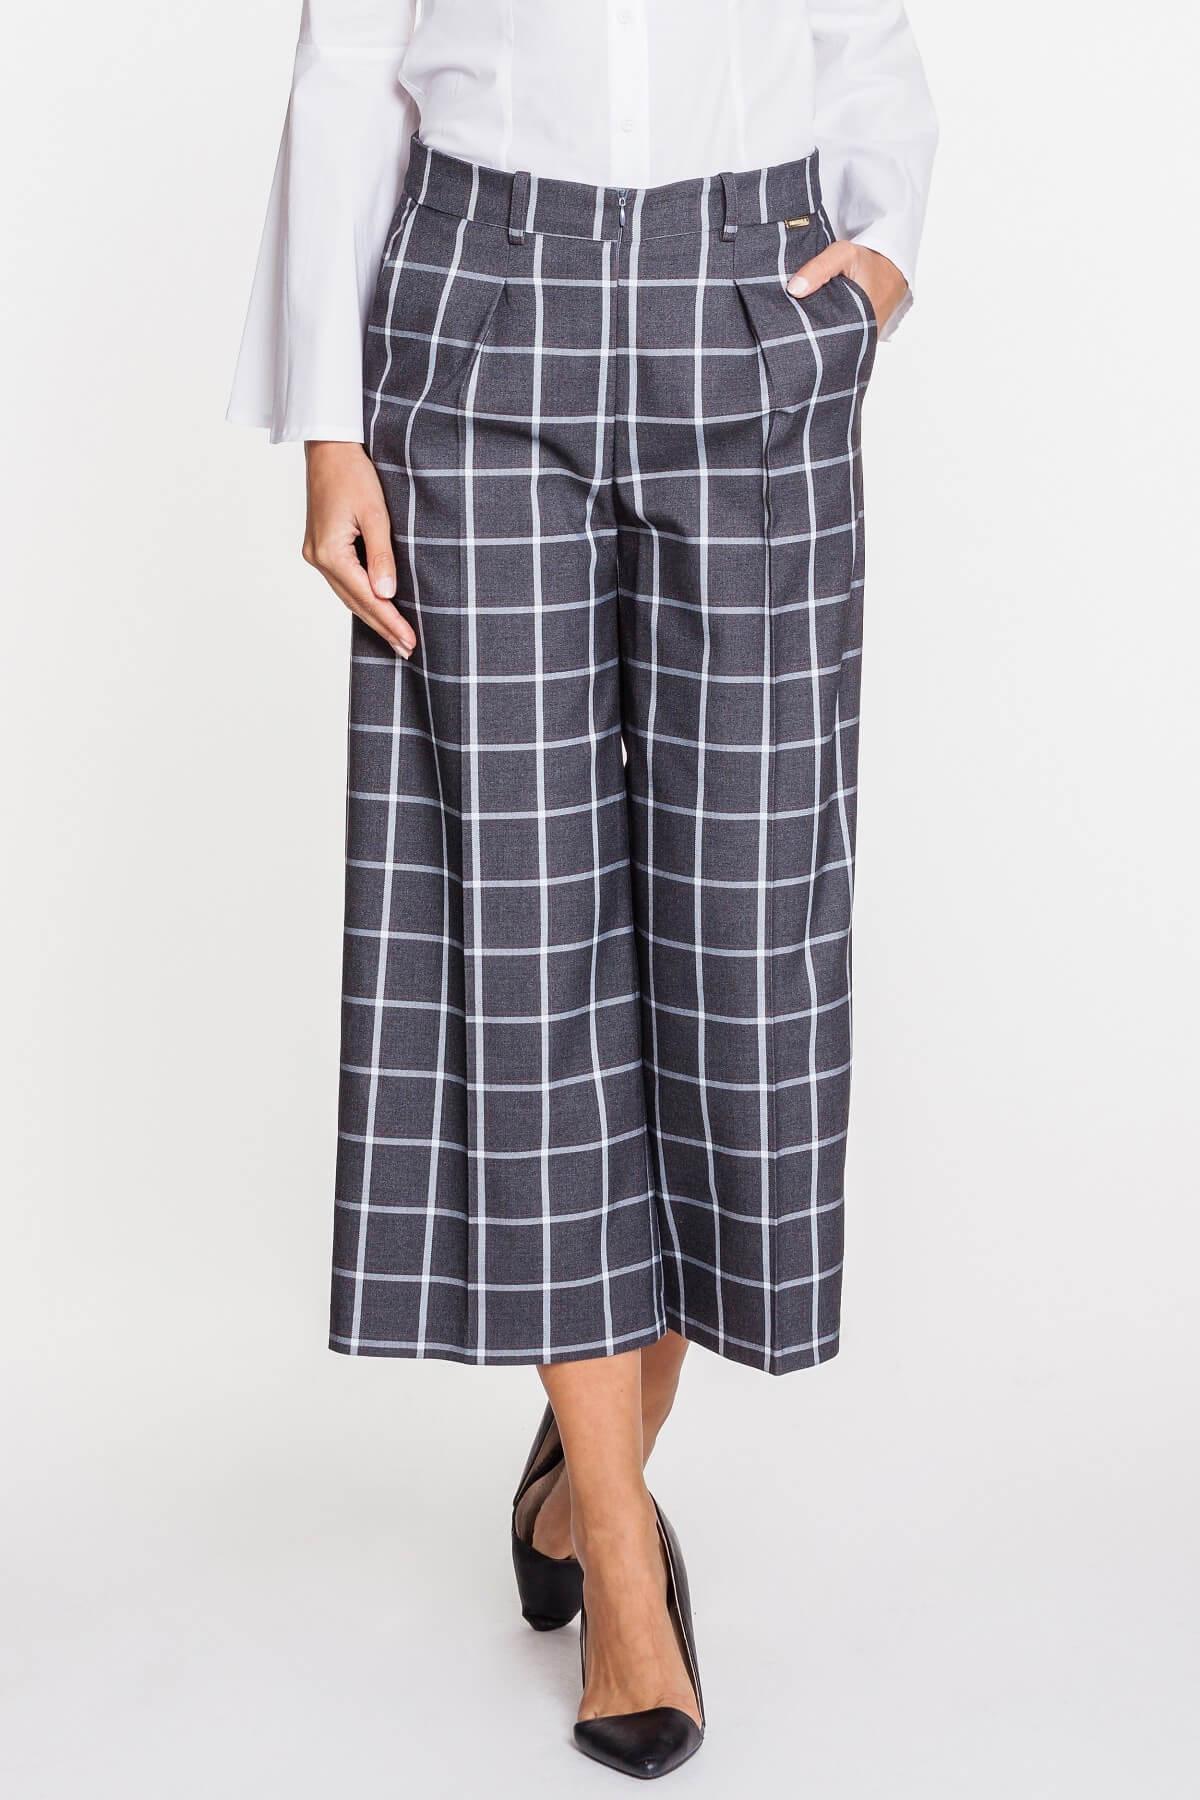 7080b3204983a3 Szerokie spodnie – jak je nosić? - Blog o modzie, urodzie i stylu